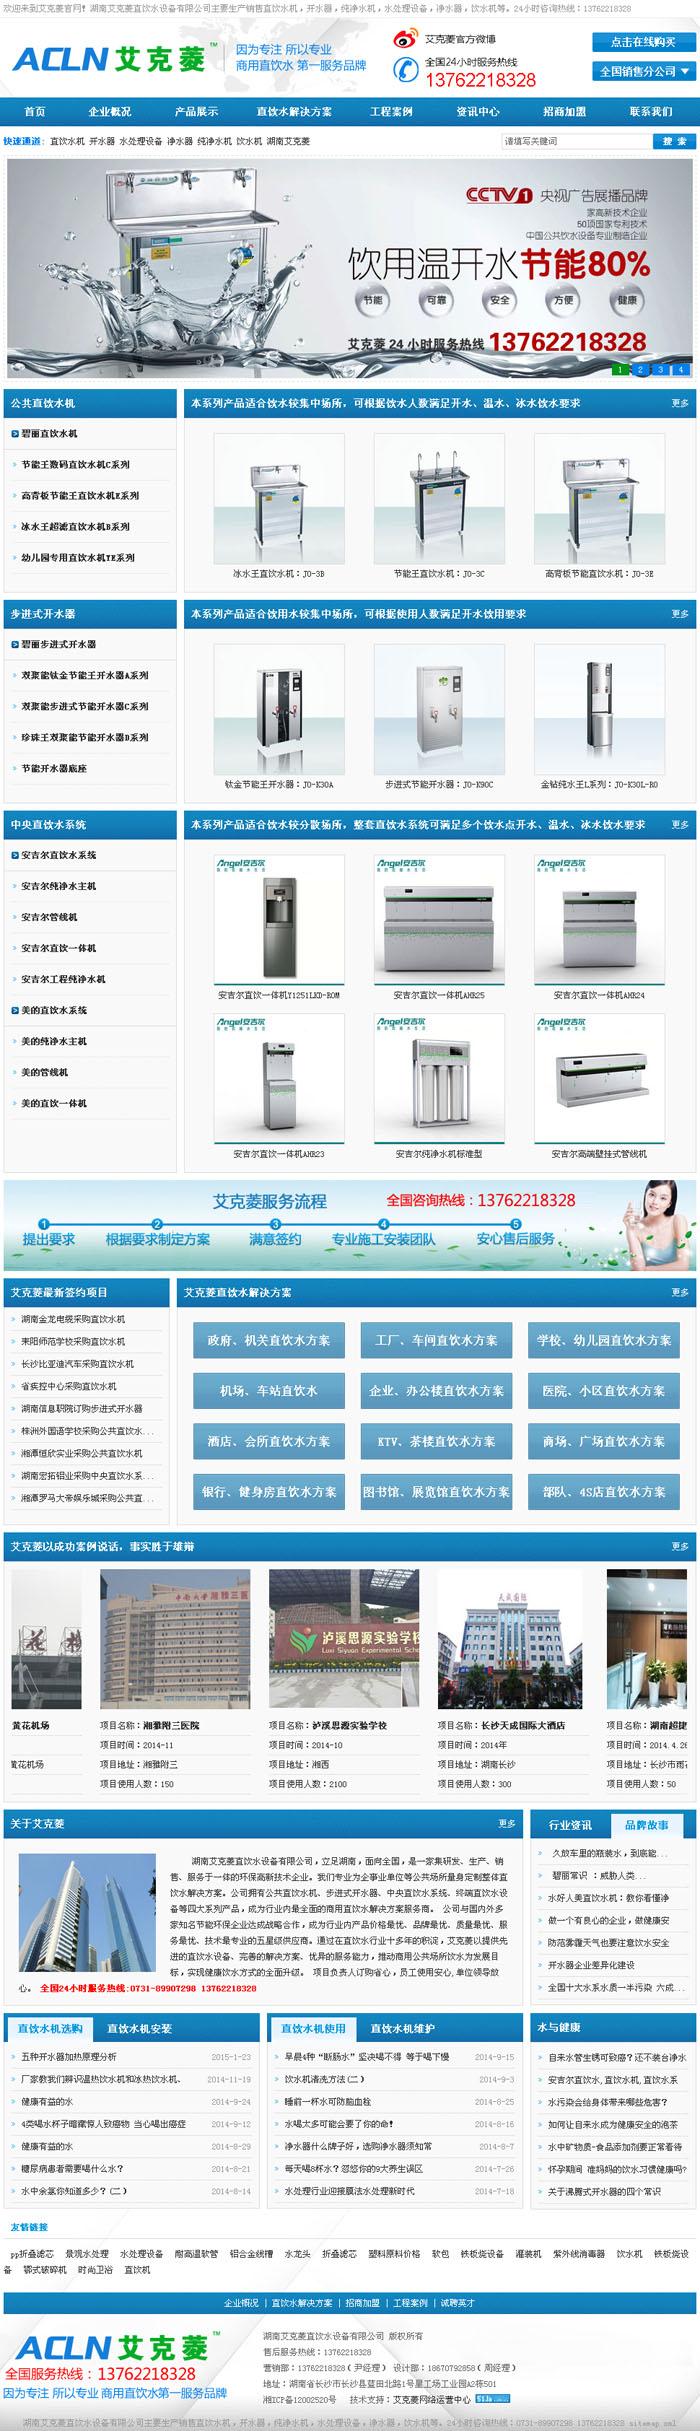 湖南艾克菱直饮水设备有限公司网页效果图